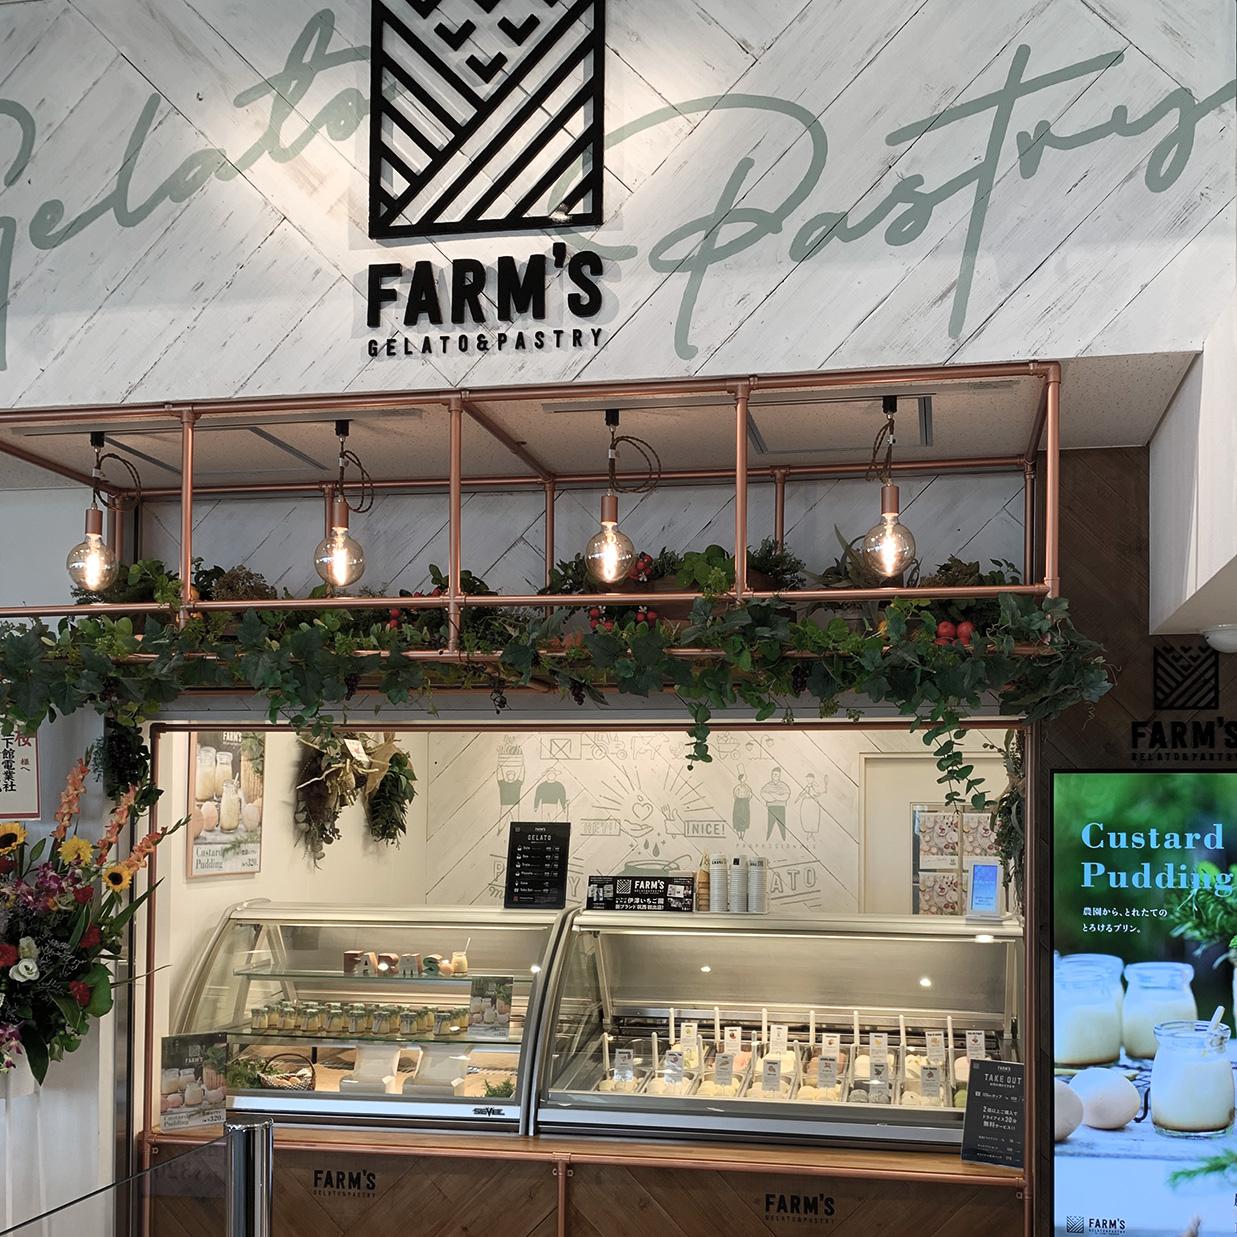 FARM'S GELATO&PASTRY(ファームズ ジェラート&パストリー)